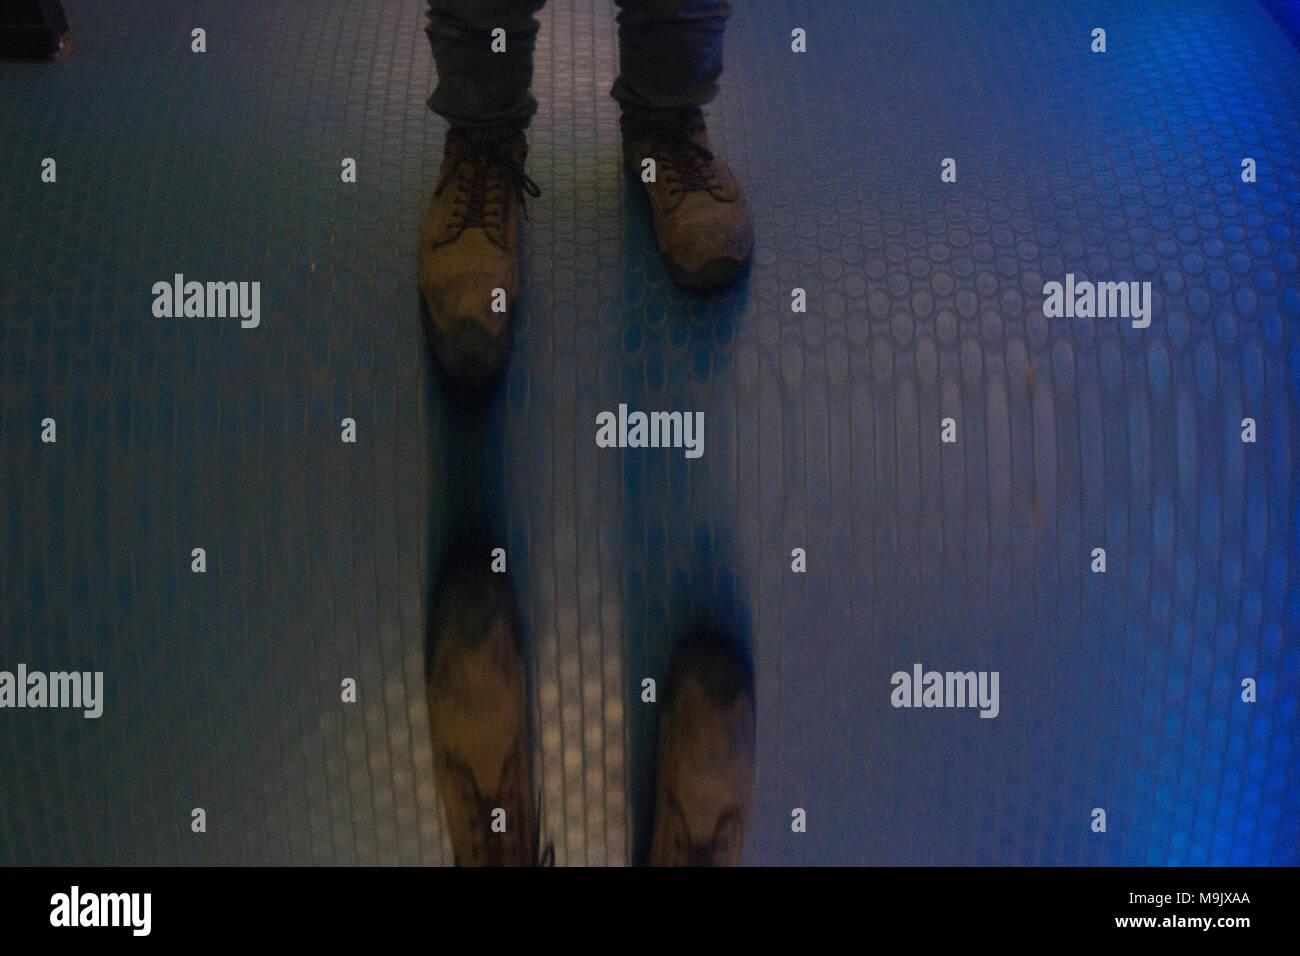 Verzerrte Widerspiegelung der Füße Stockbild